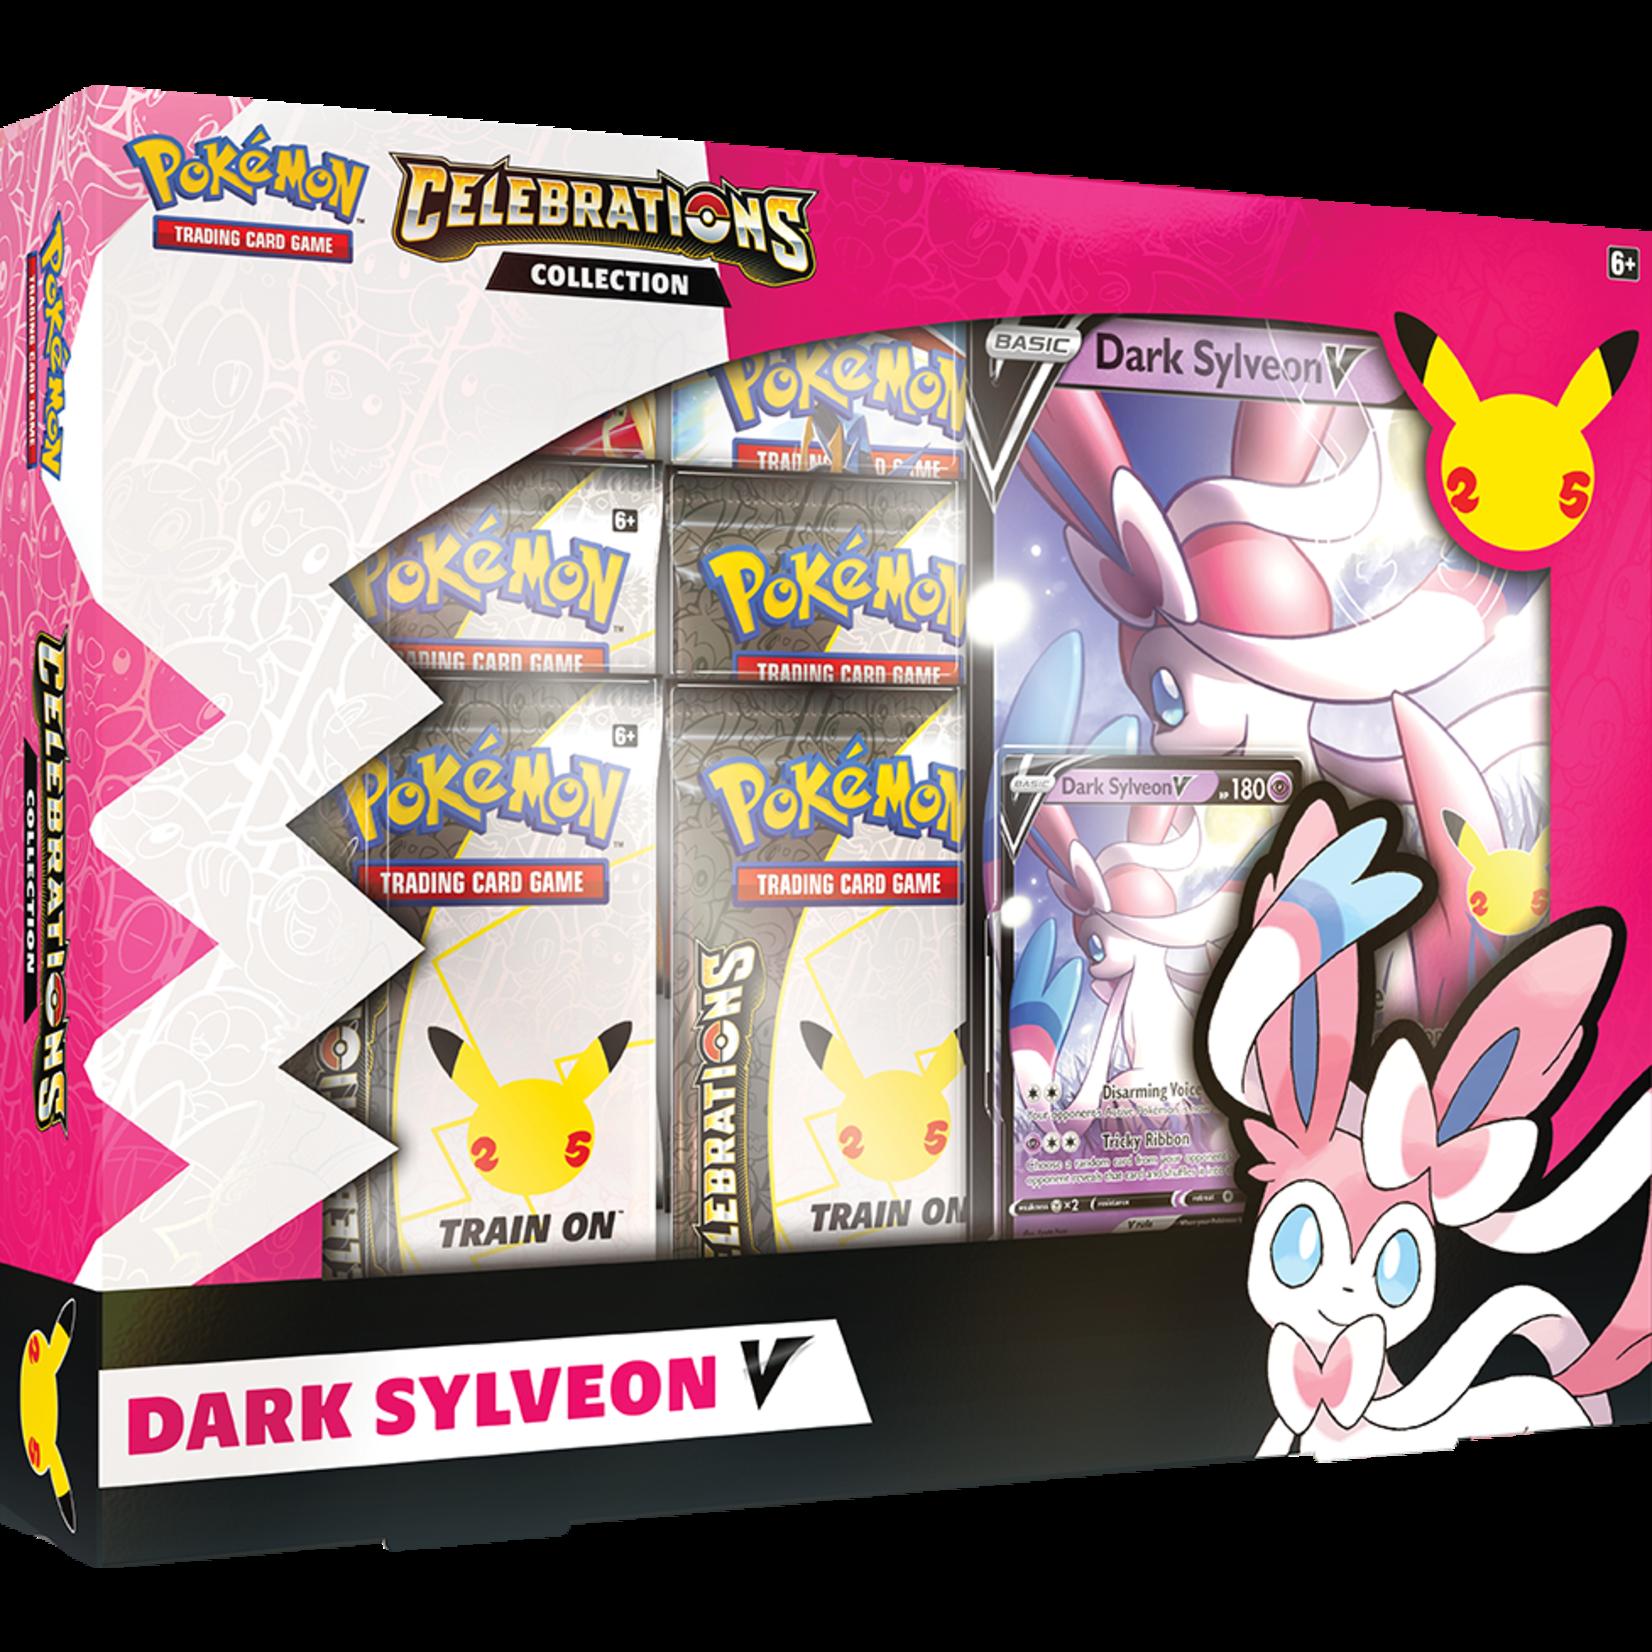 Pokémon Pokémon TCG: Celebrations Collection—Dark Sylveon V